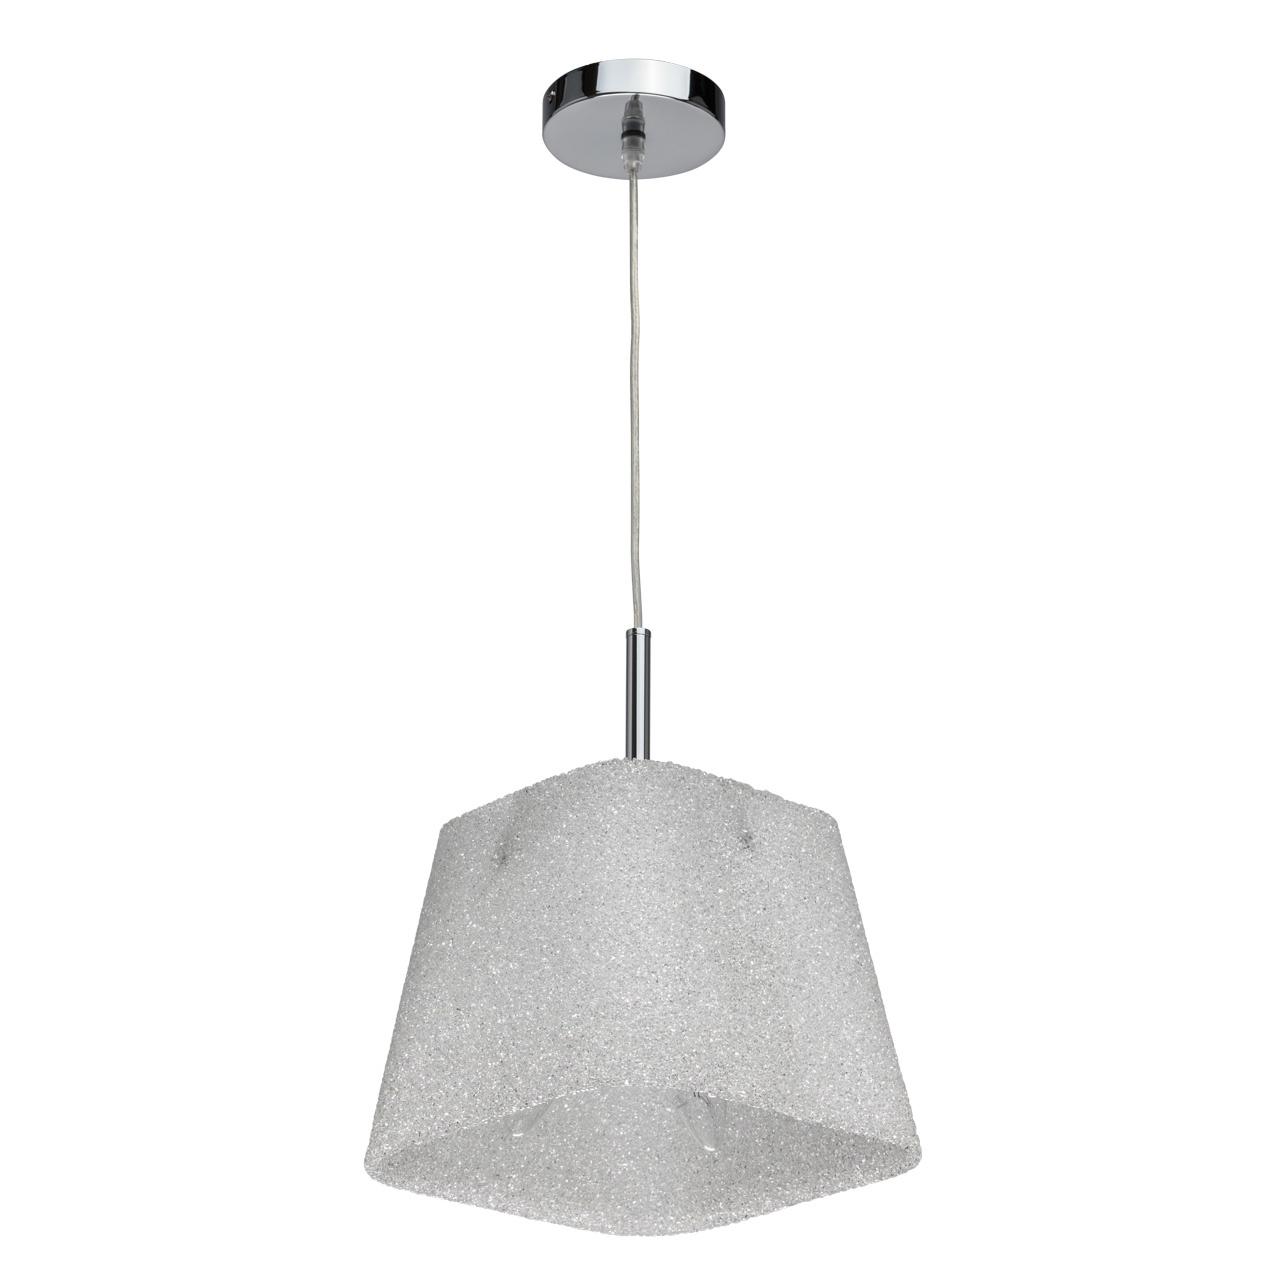 Подвесной светильник De Markt 703010503 regenbogen life подвесной светильник перегрина